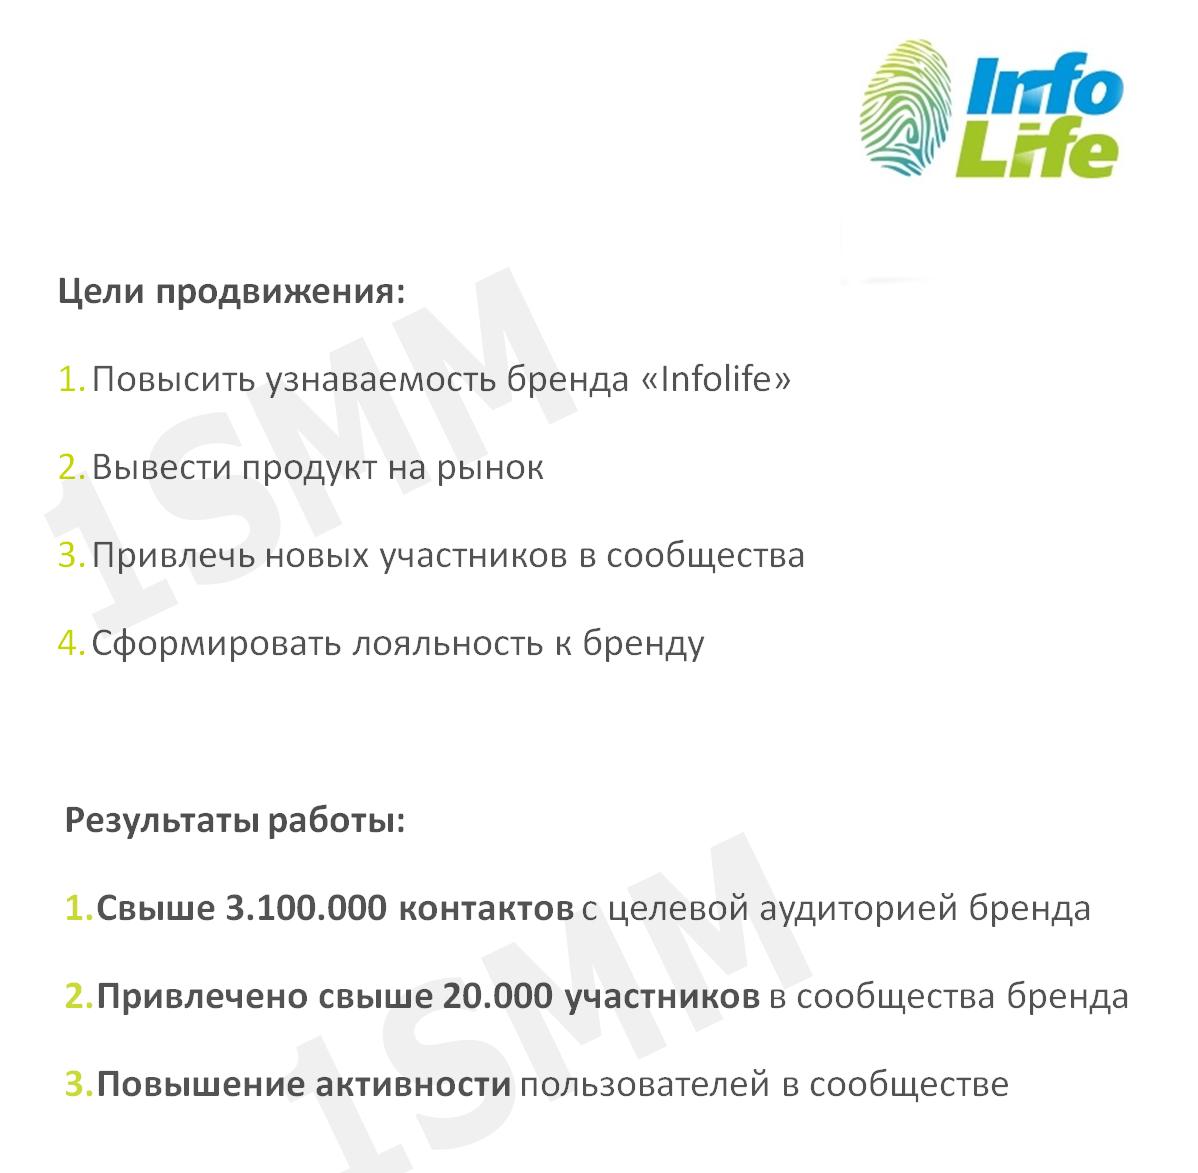 Продвижение бренда «InfoLife»